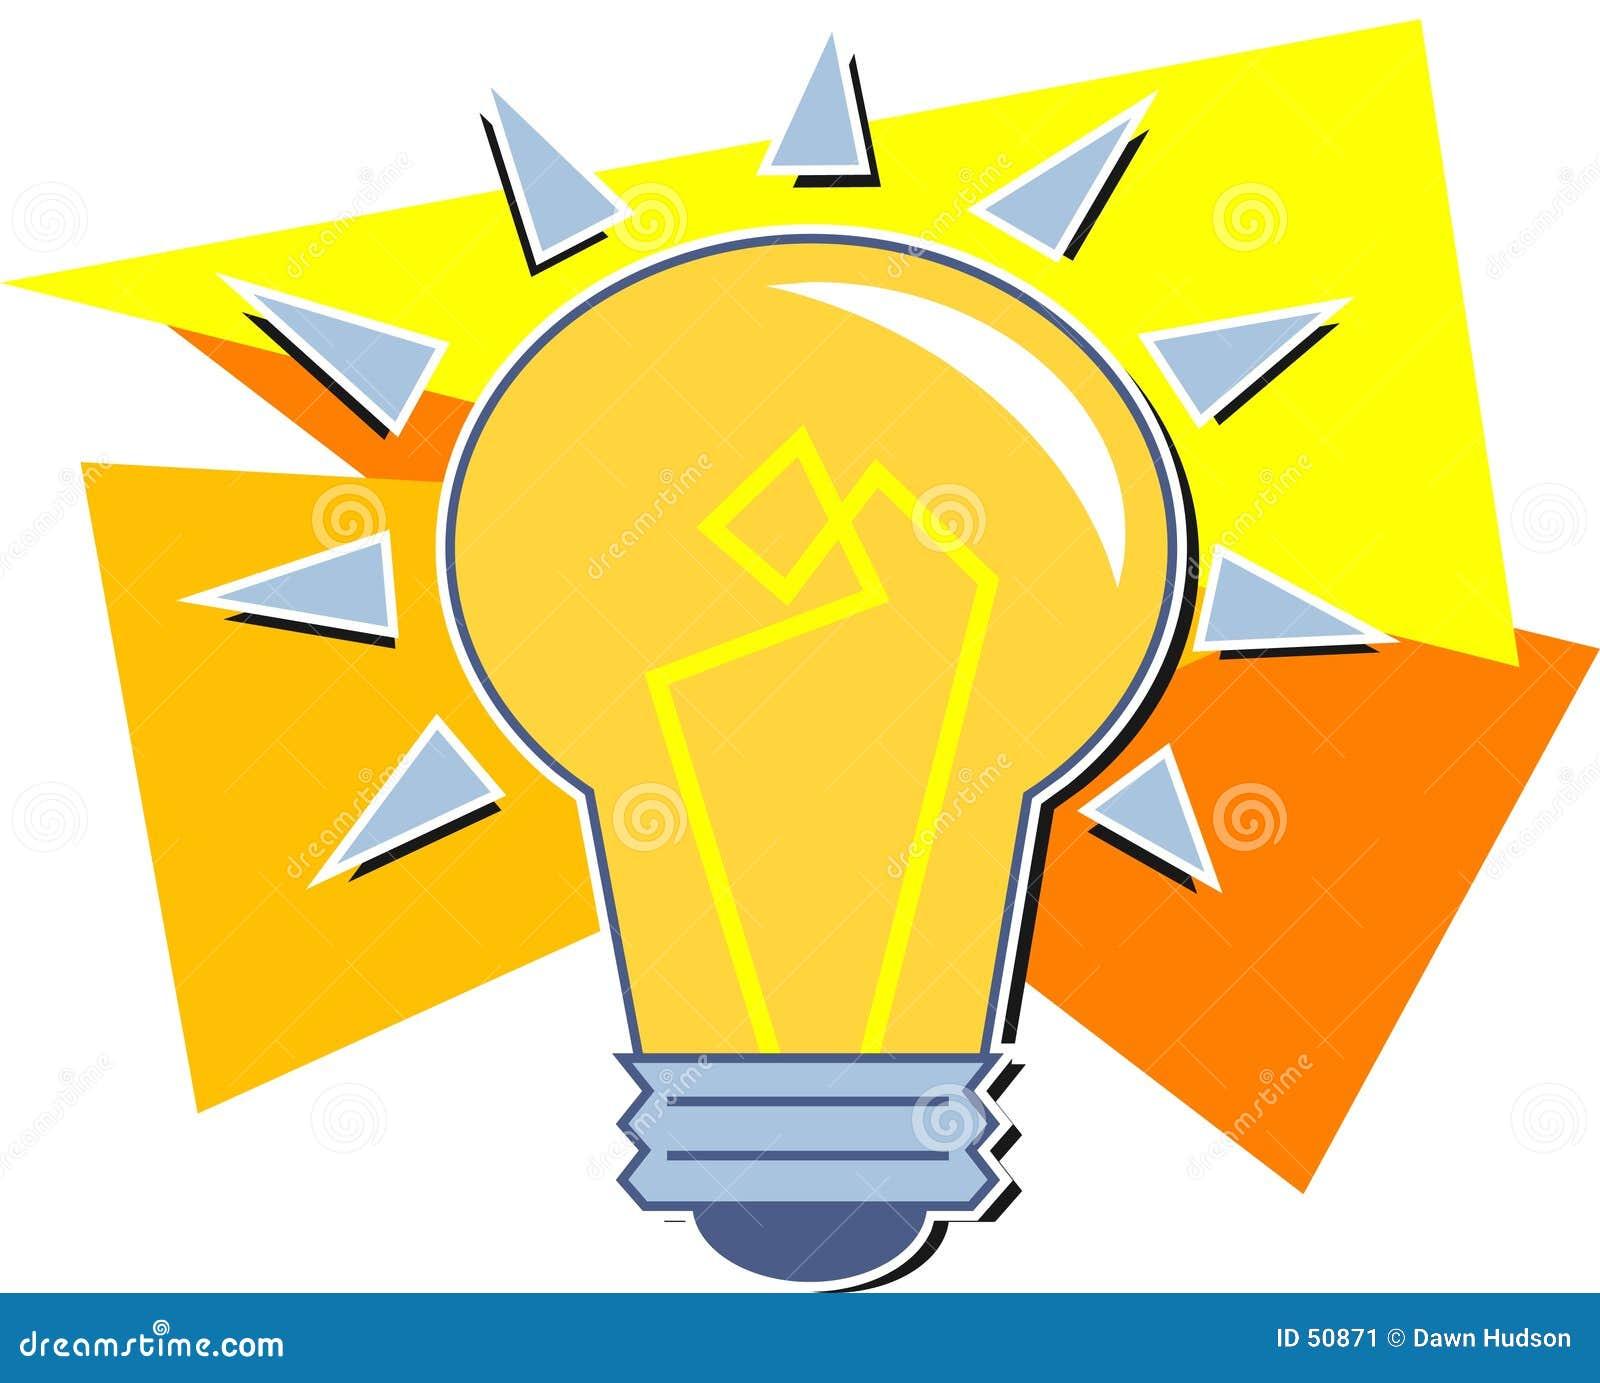 Download Ampoule illustration de vecteur. Illustration du dessins - 50871